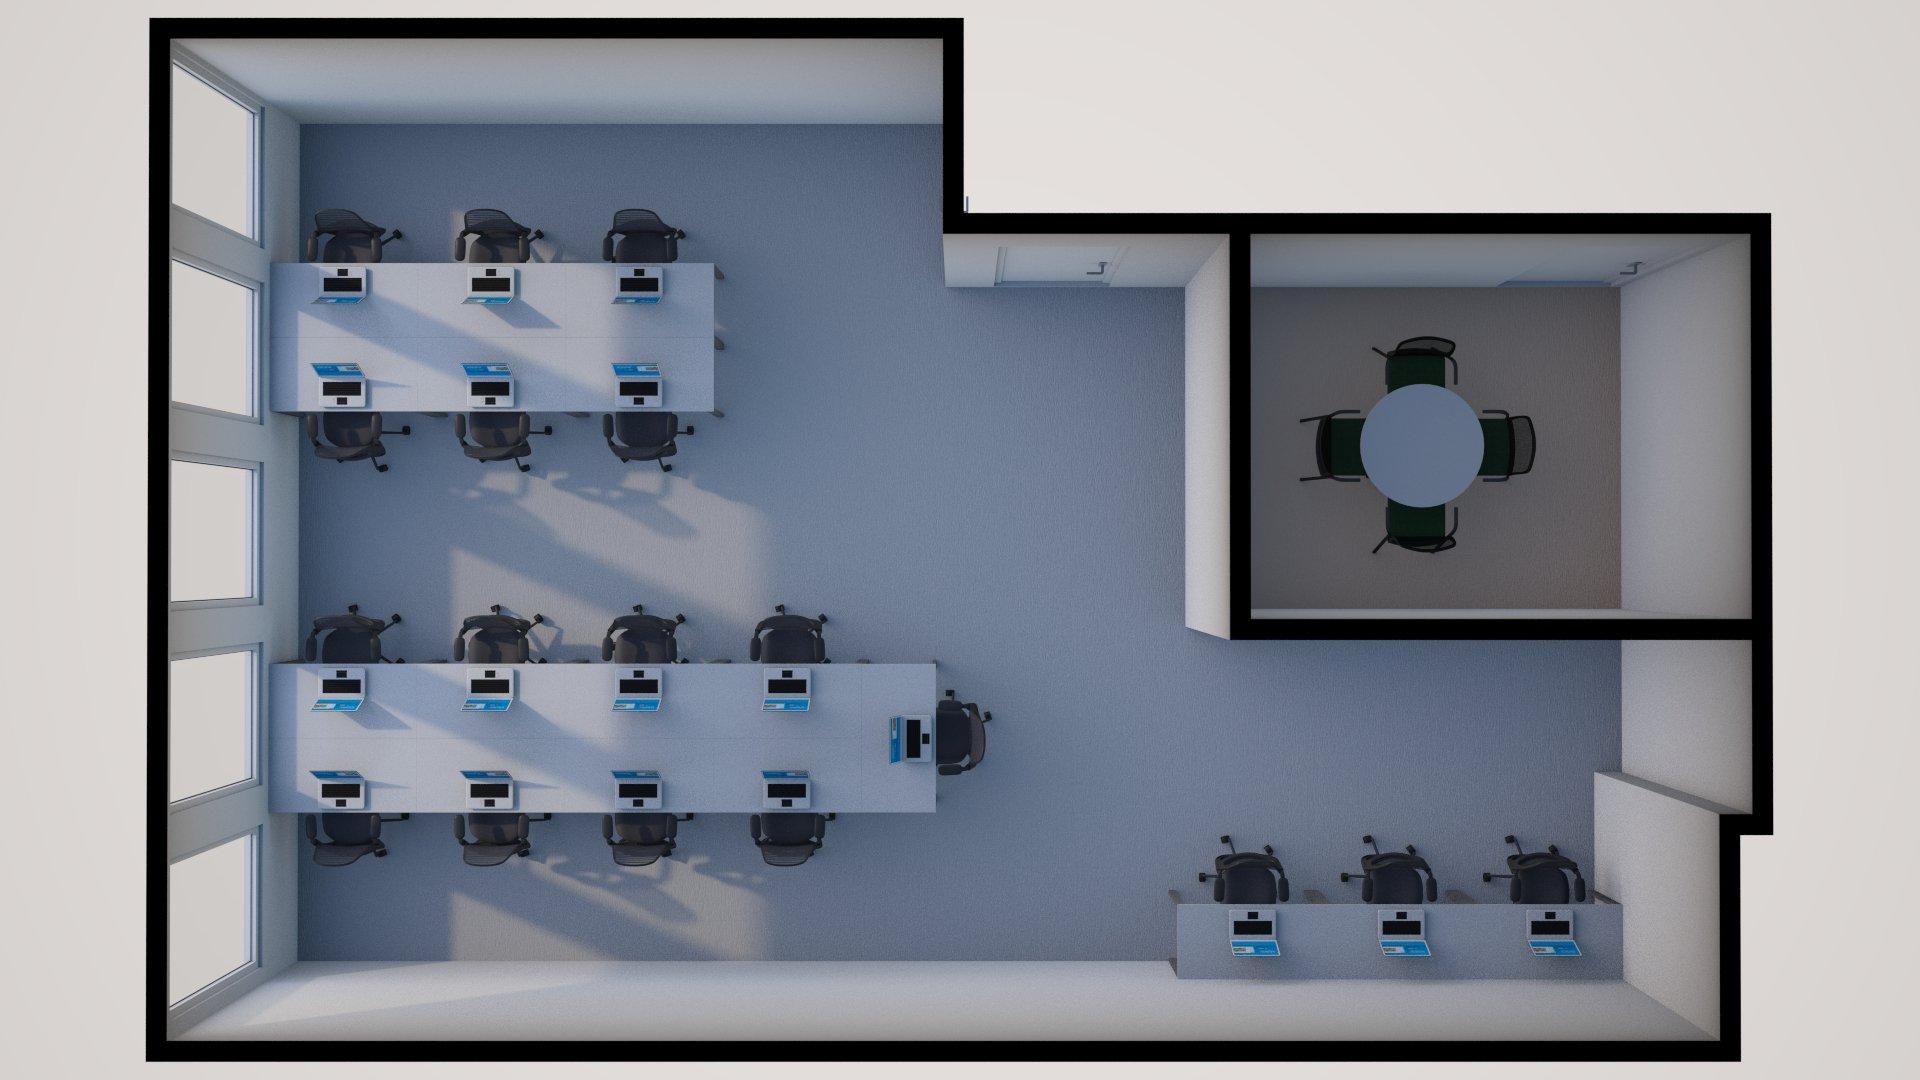 F7-10 Floor Plan (3D)